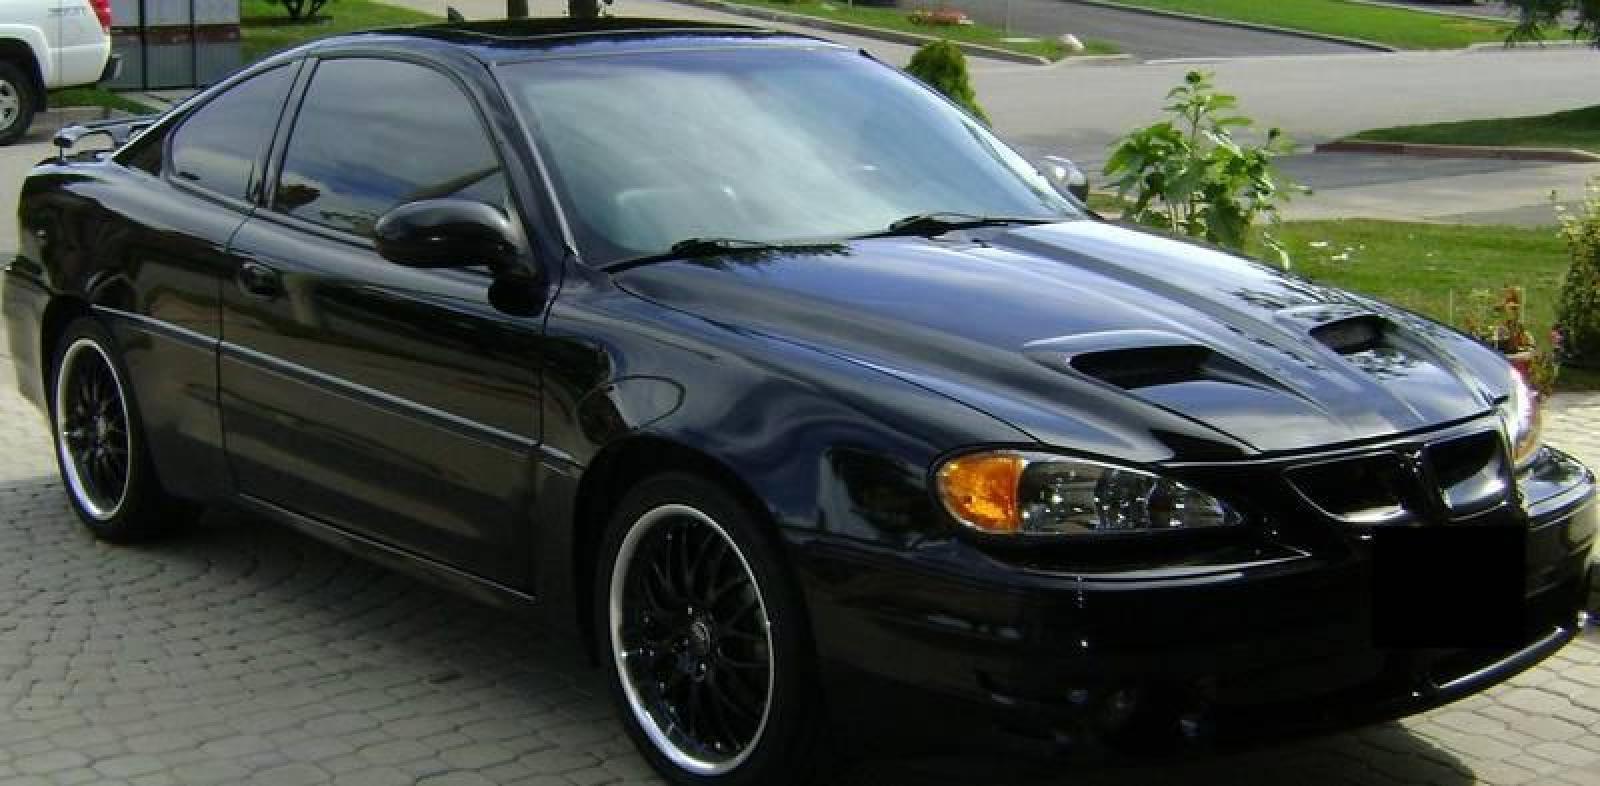 2004 Pontiac Grand Am - Information And Photos